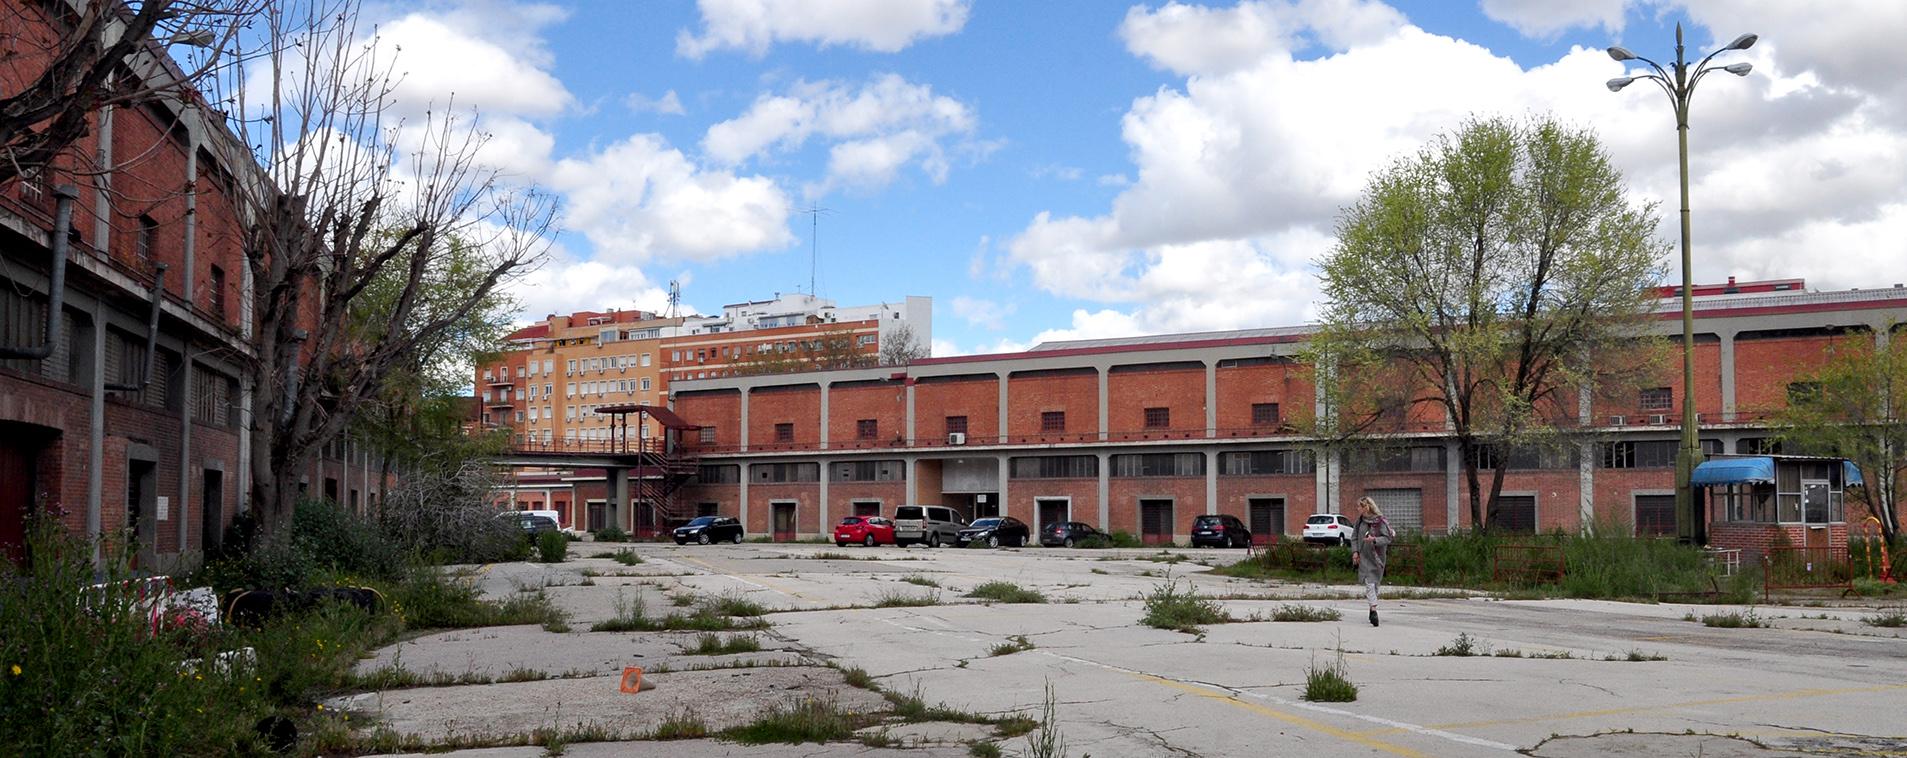 Patio central del Mercado de Legazpi en Madrid (foto de Guiomar Martín)